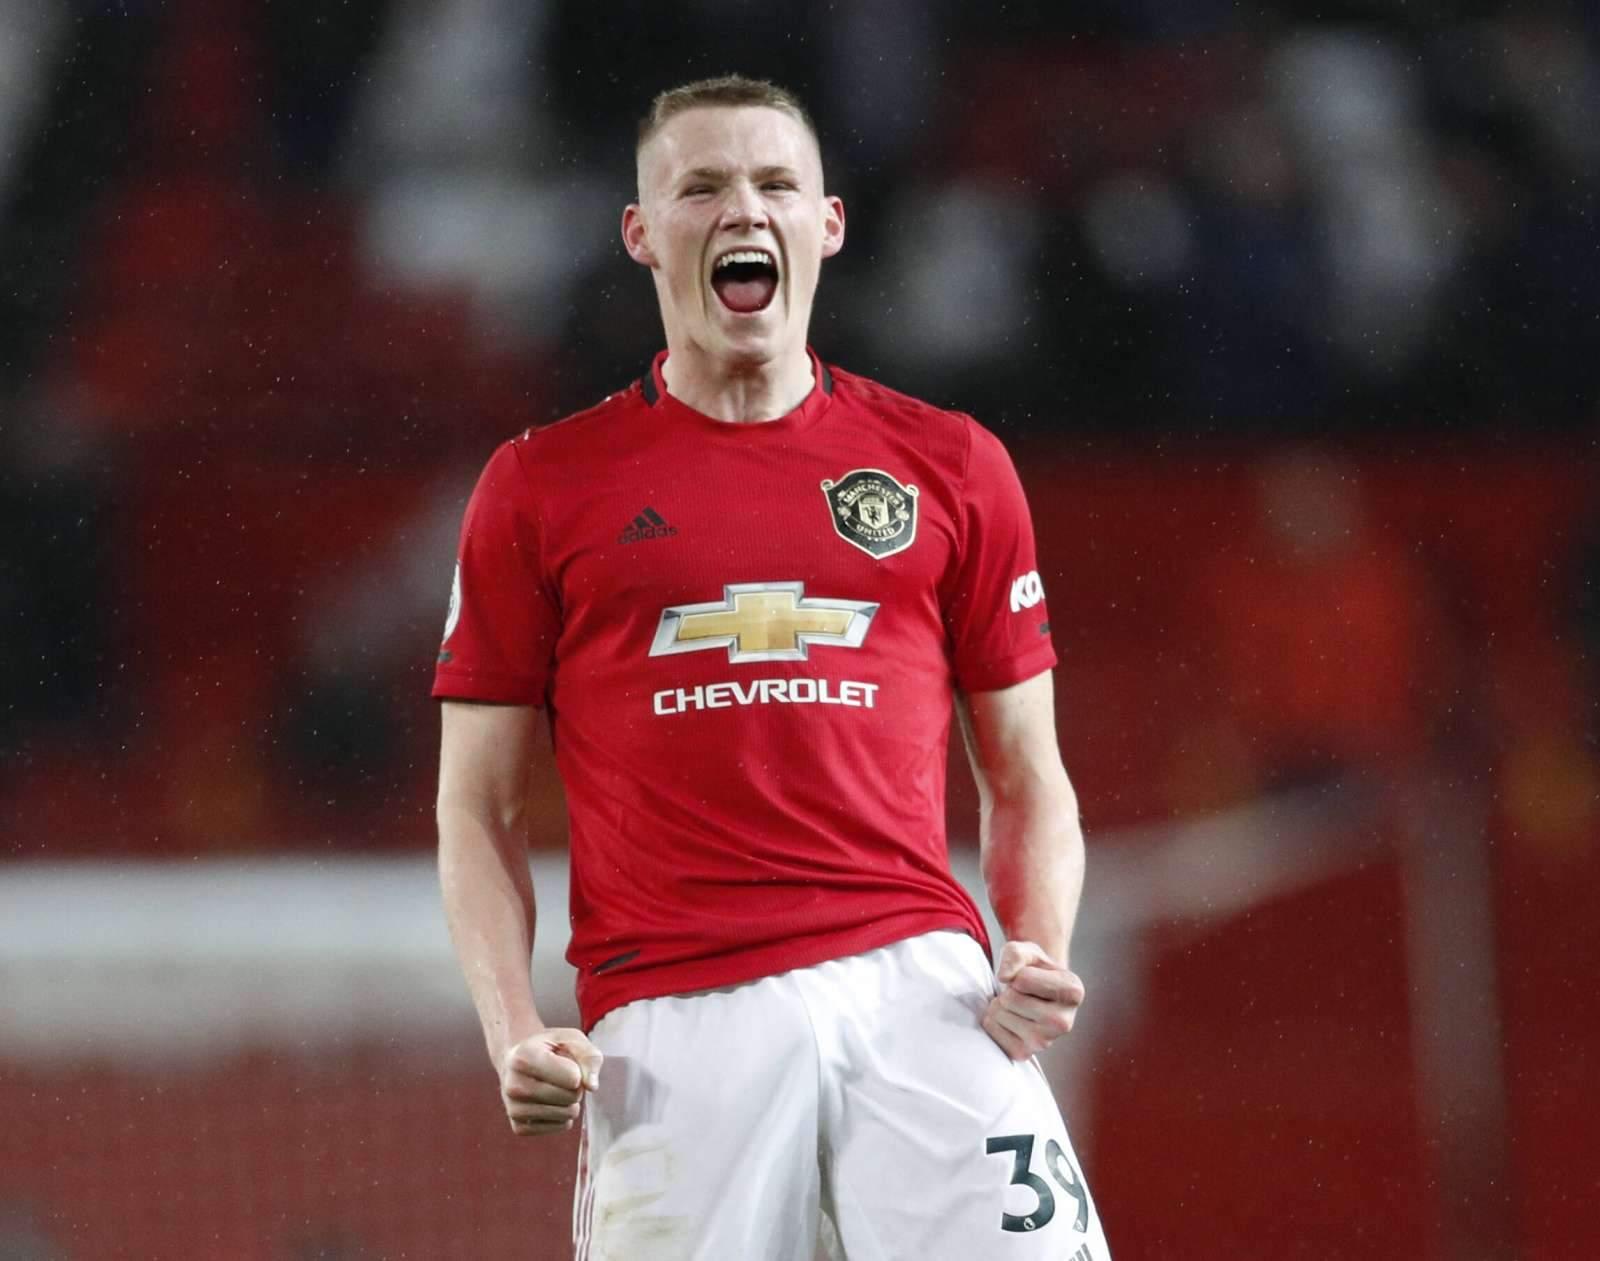 8 голов и рекорд АПЛ: «Манчестер Юнайтед» дьявольски разобрался с «Лидсом» Бьелсы